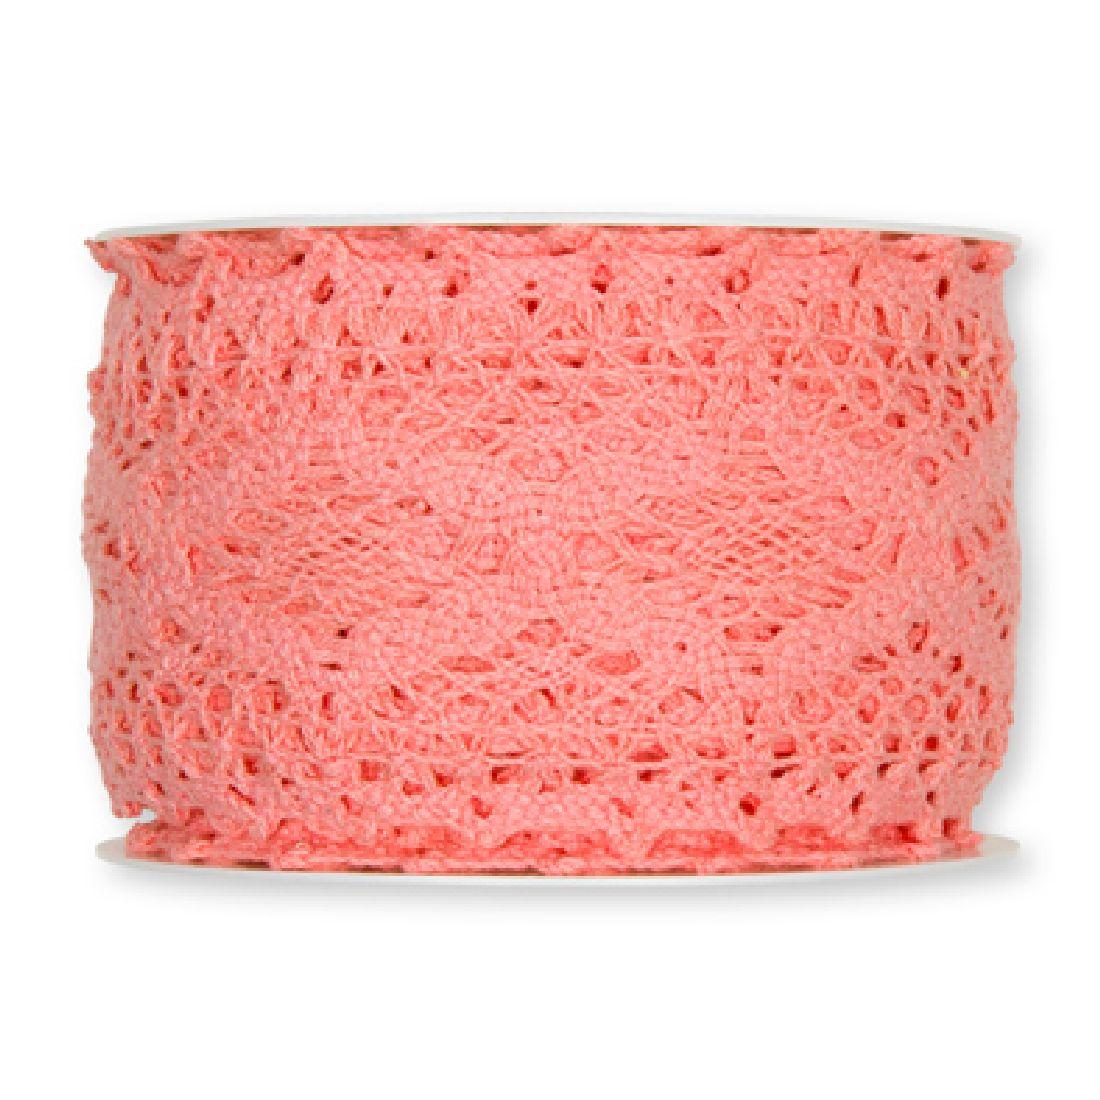 Häkelspitze rosa/flamingo 26 aus Baumwolle Breite: 60 mm 2196